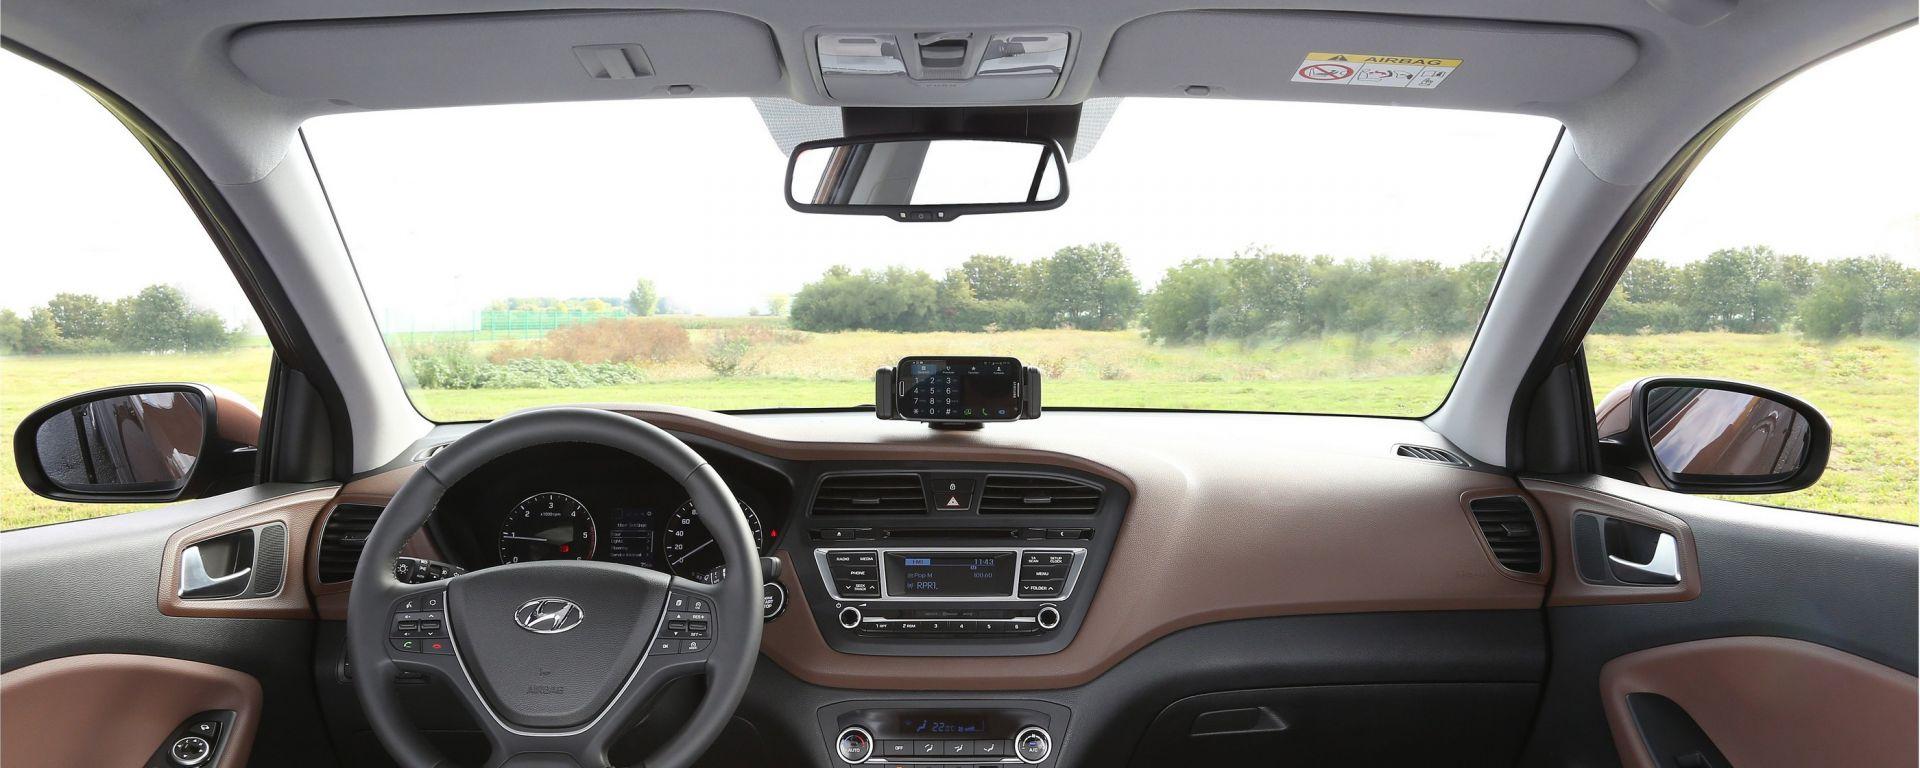 Hyundai i20 2015, nuove foto e info